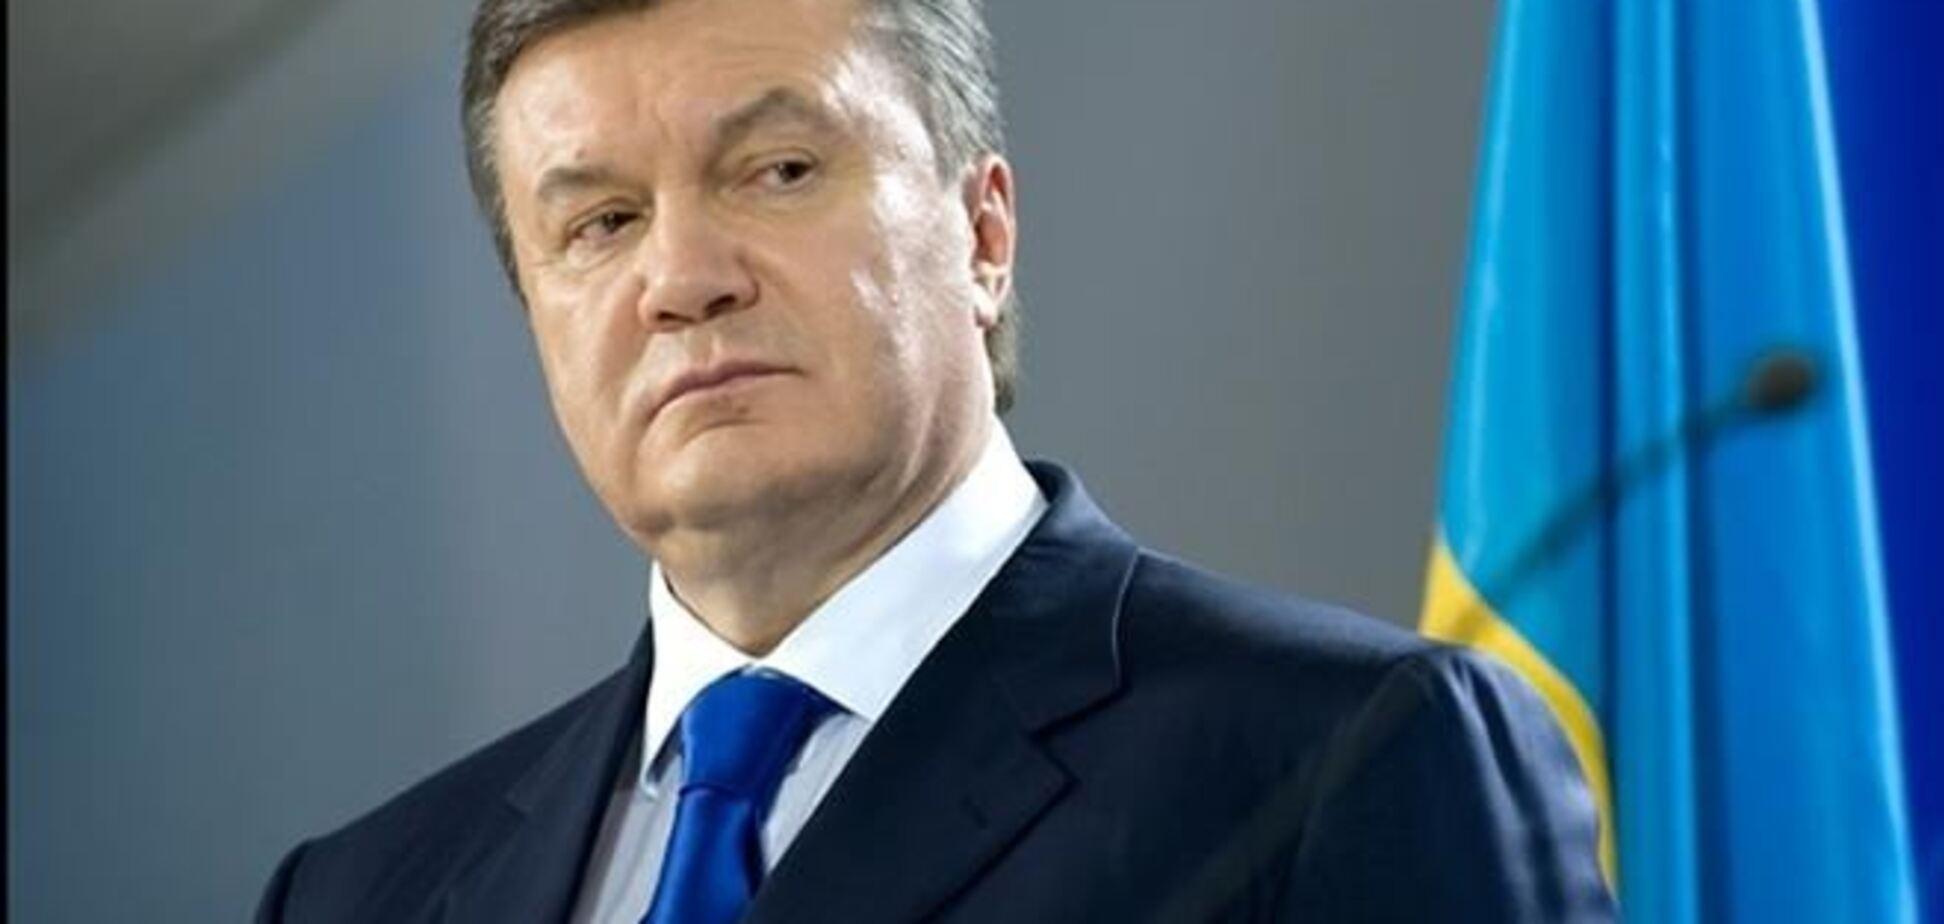 В Ивано-Франковске предложили выбрасывать из кабинетов портреты Януковича